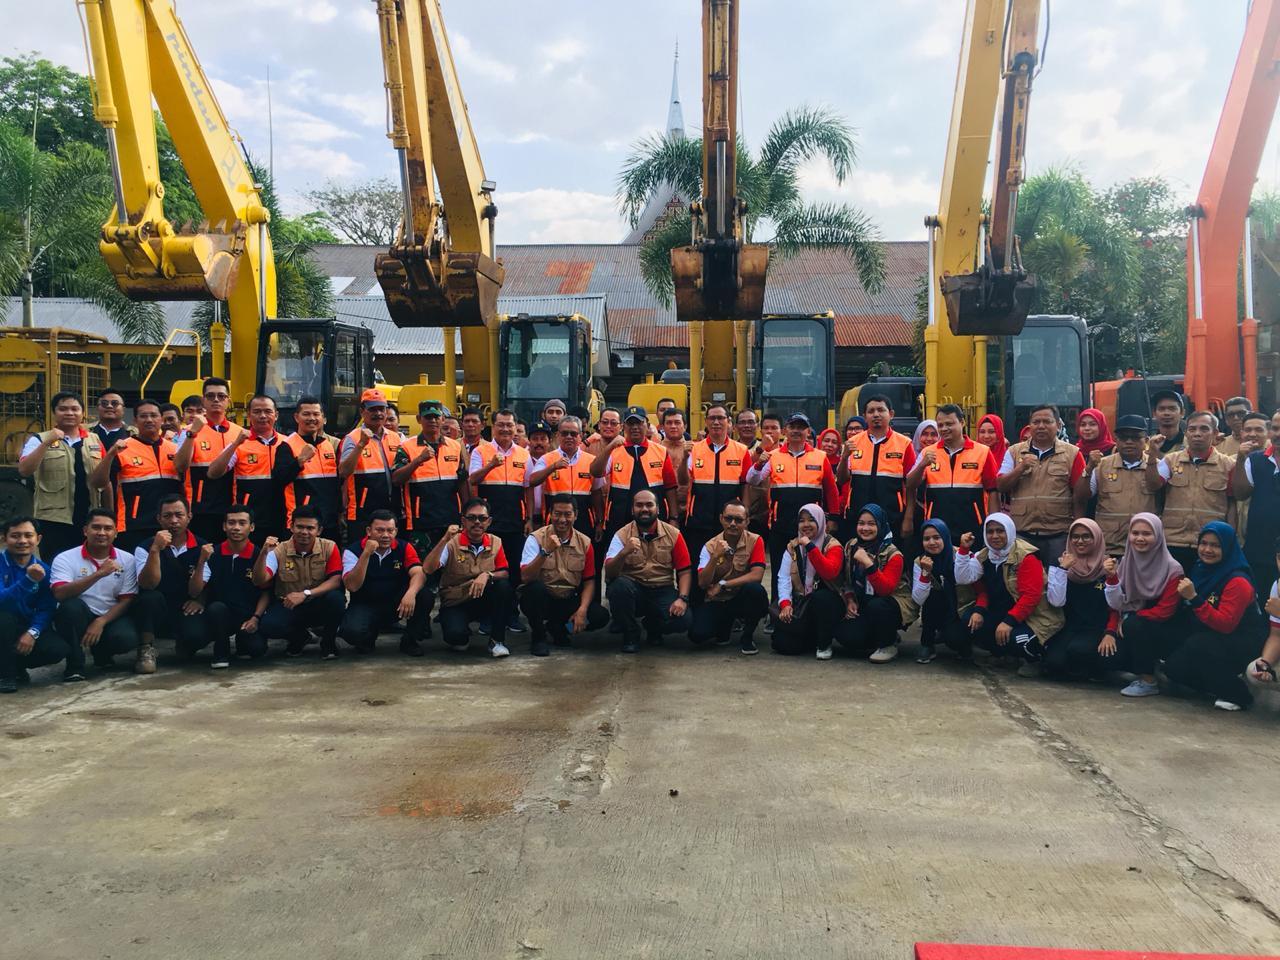 Apel Siaga Bencana BWS Sumatera V Tingkatkan Kewaspadaan Dan Kesiapan Hadapi Bencana